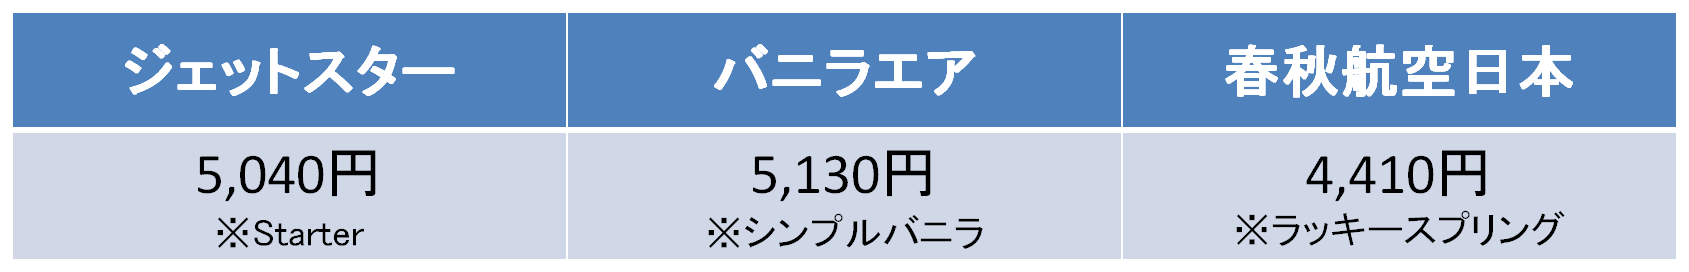 成田-新千歳間の航空券の料金